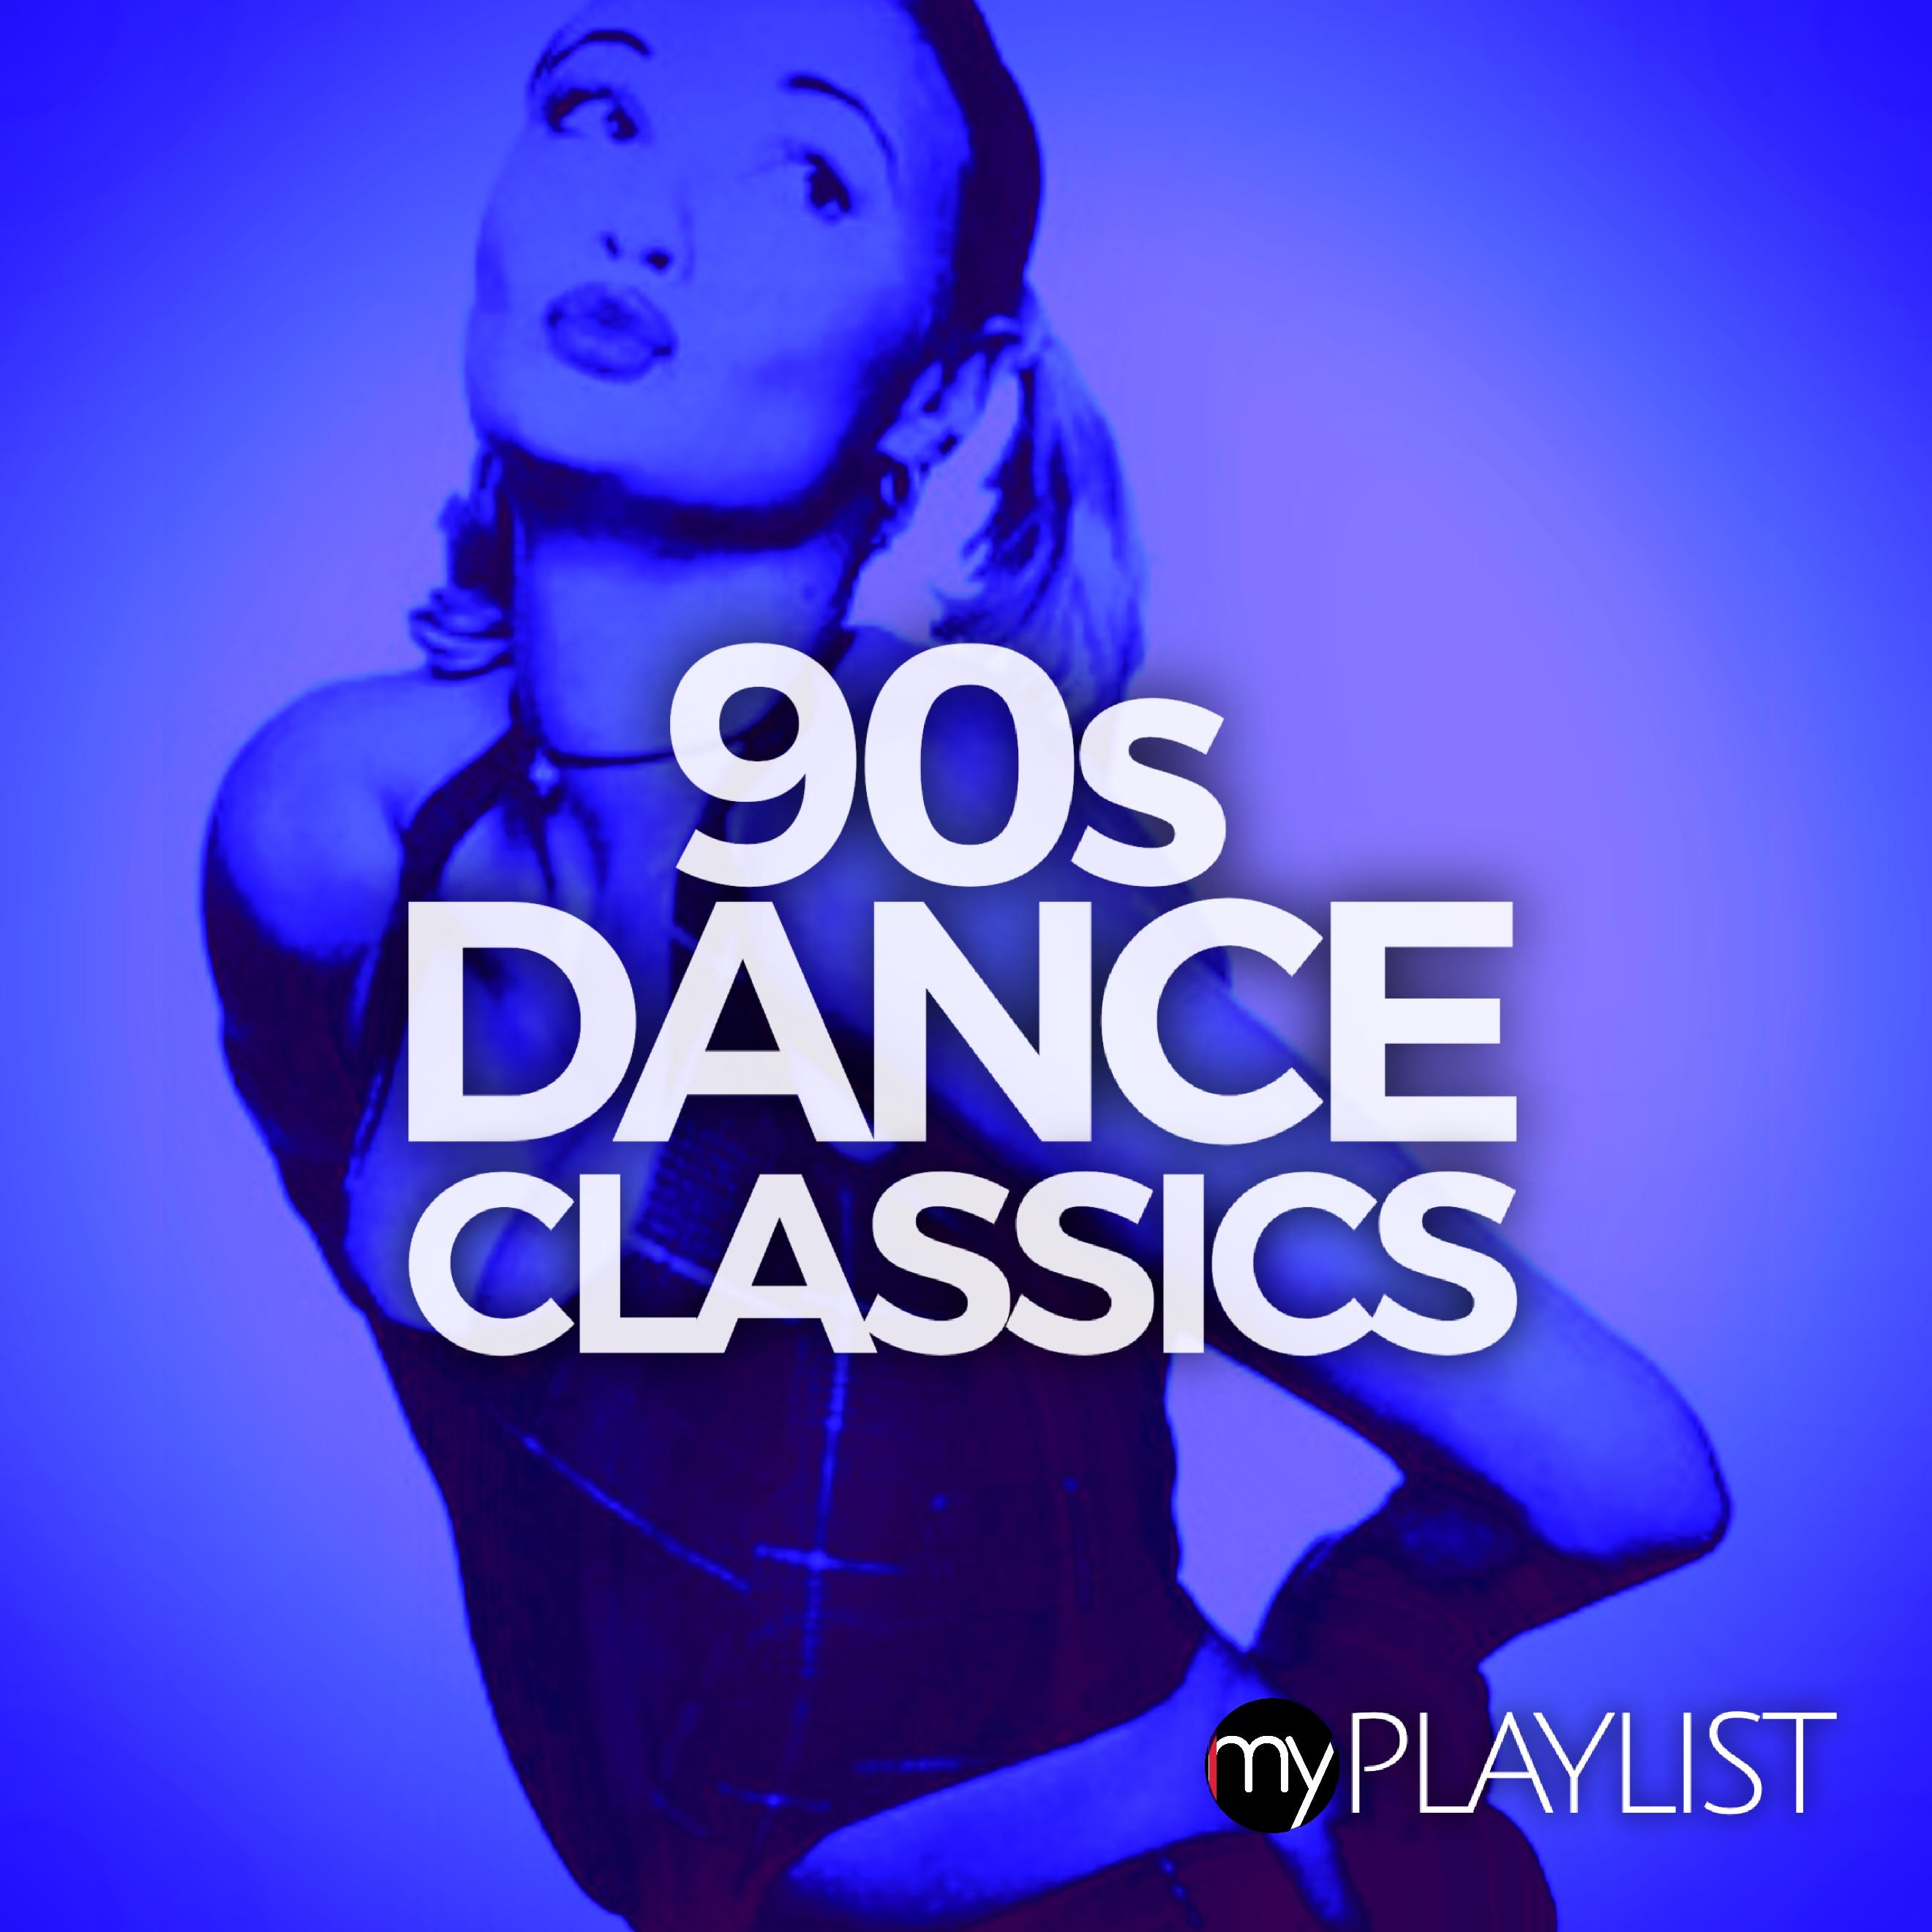 90s Dance Classics - Part 1 Image